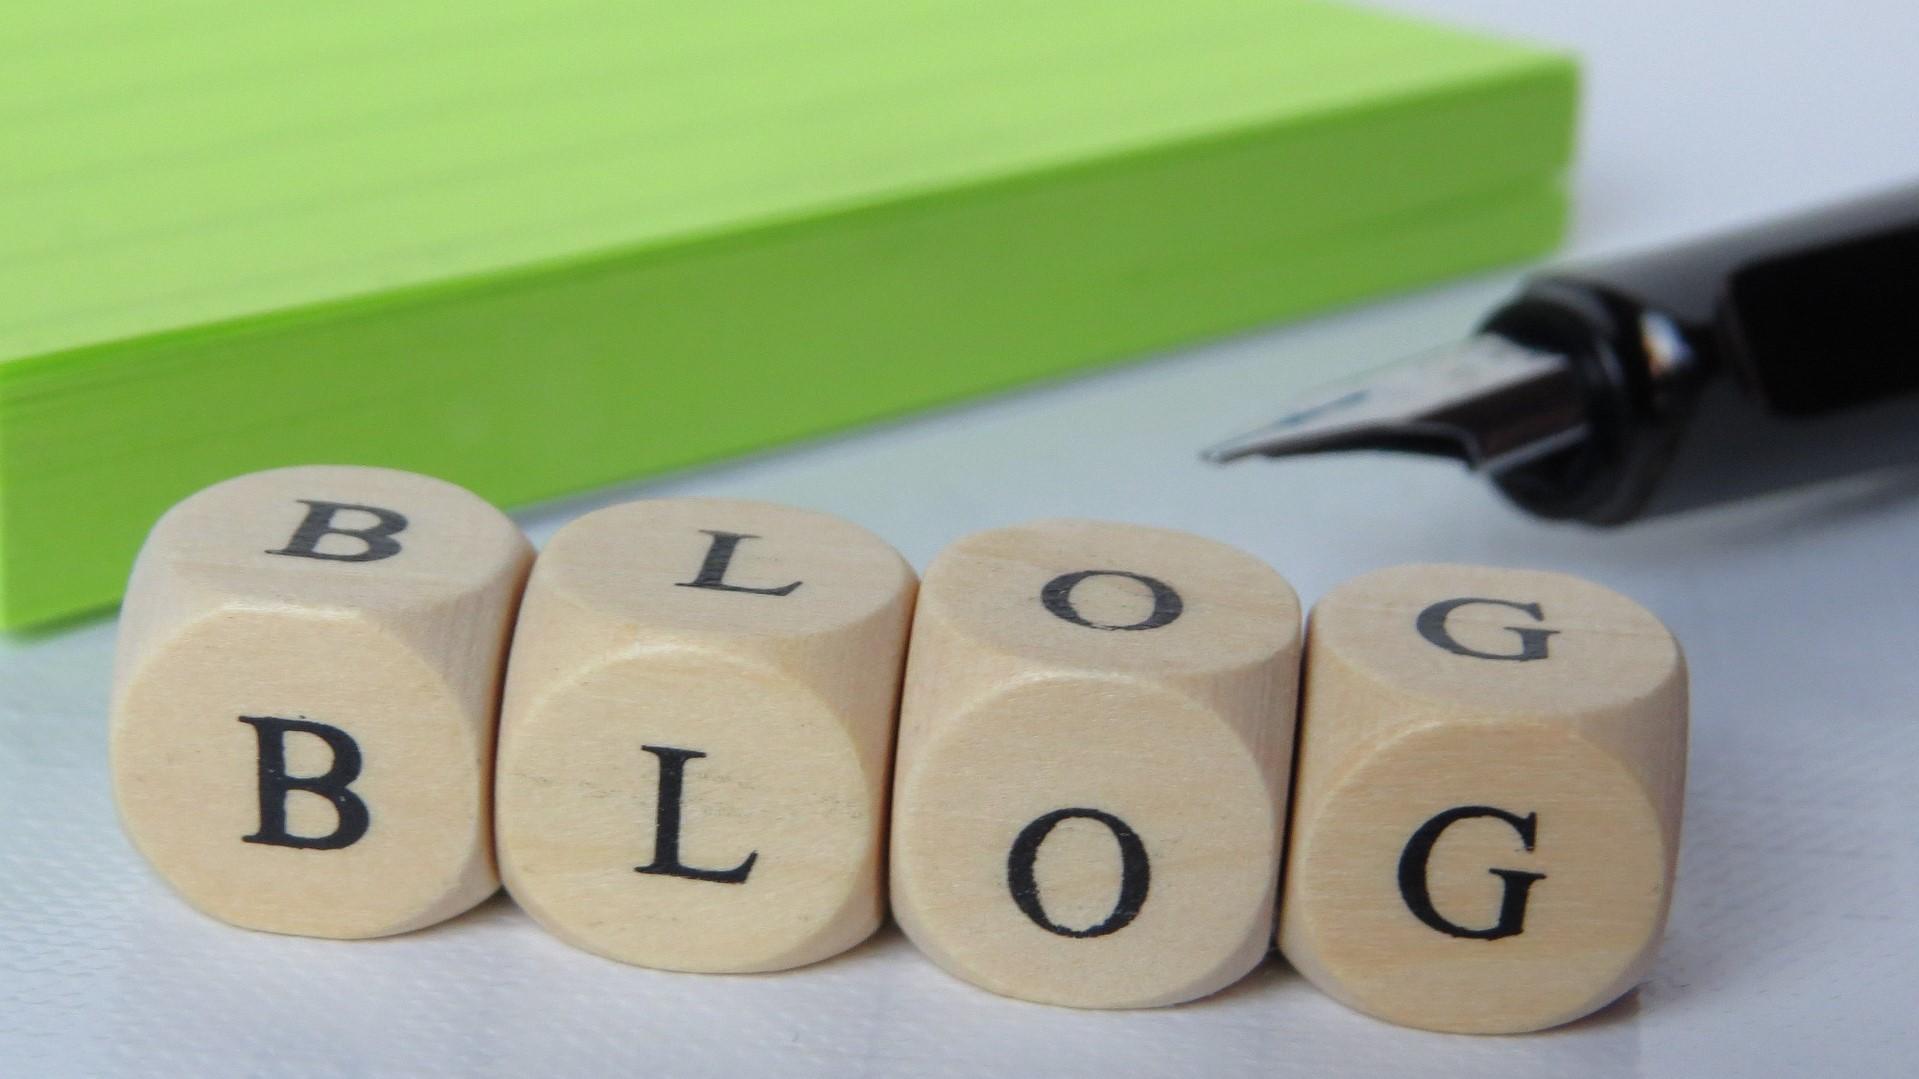 dobbelstenen die het woord blog vormen, een vulpen en een groen notitieblokje